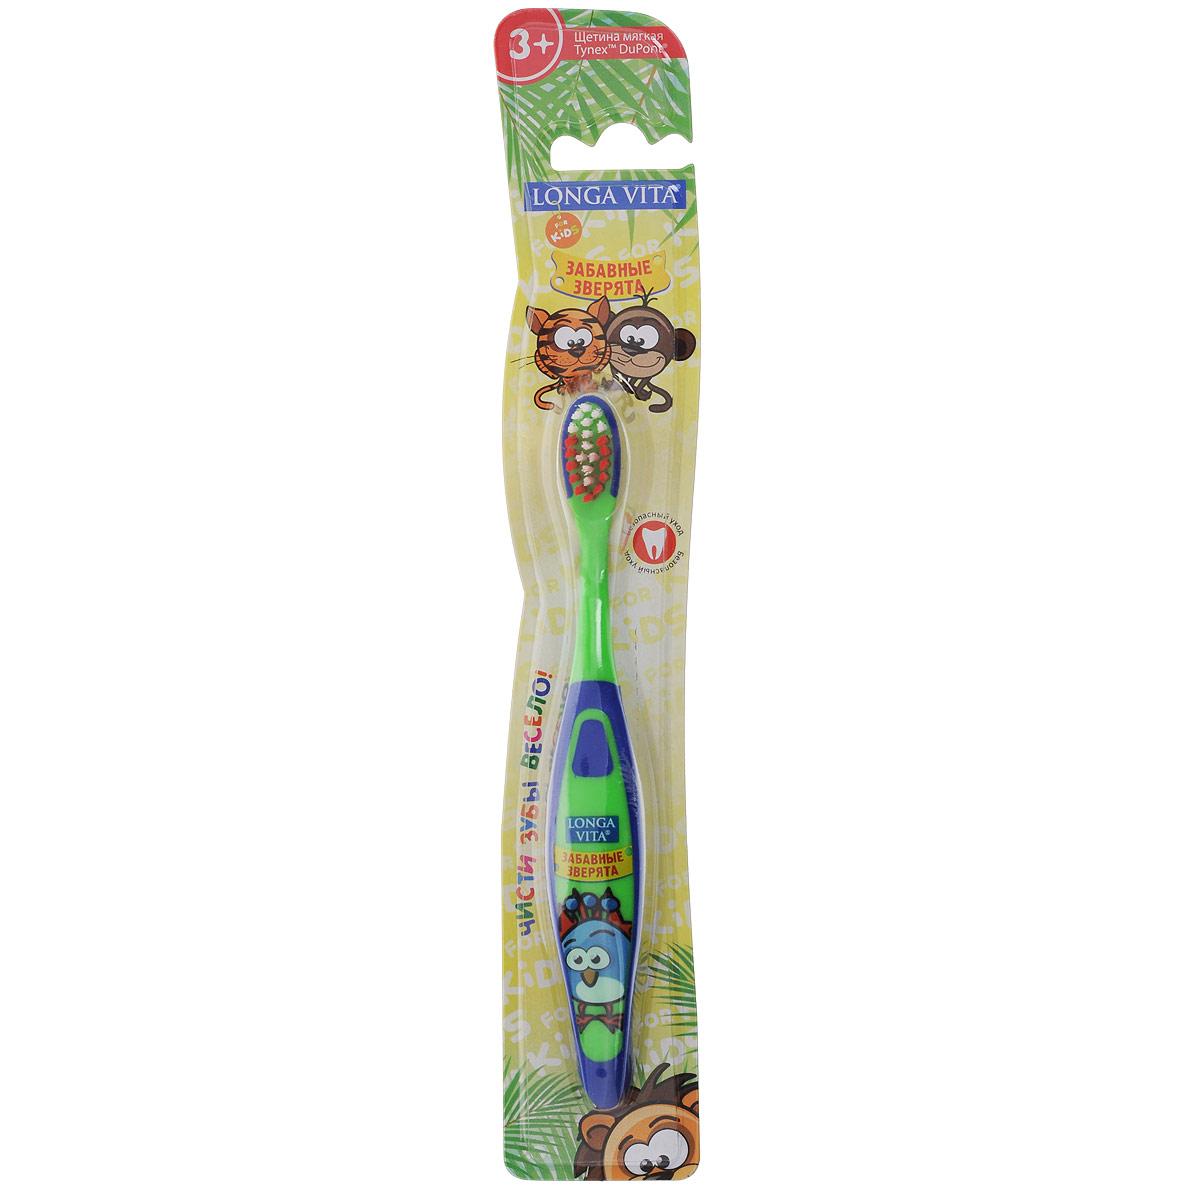 Детская зубная щетка Longa Vita Забавные зверята, цвет: зеленый, синий printio vita brevis ars longa